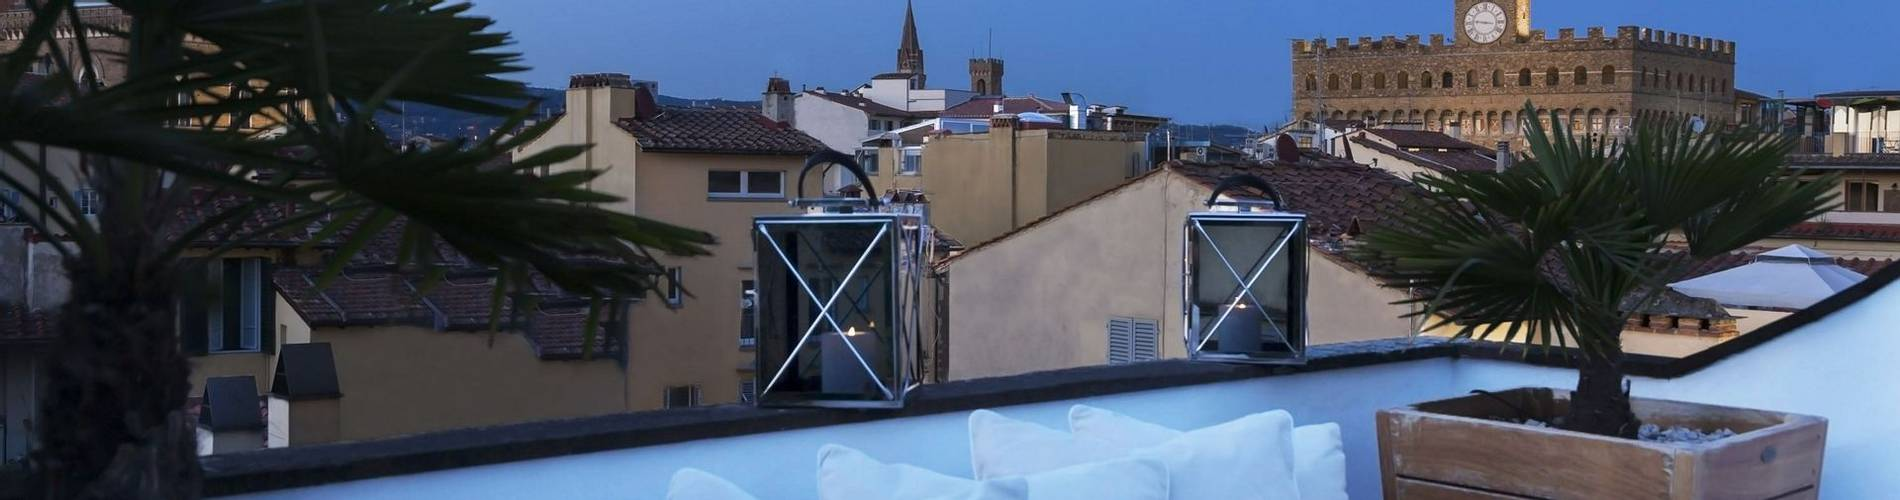 Gallery Art Hotel, Tuscany, Italy, Penthouse Palazzo Vecchio (7).jpg